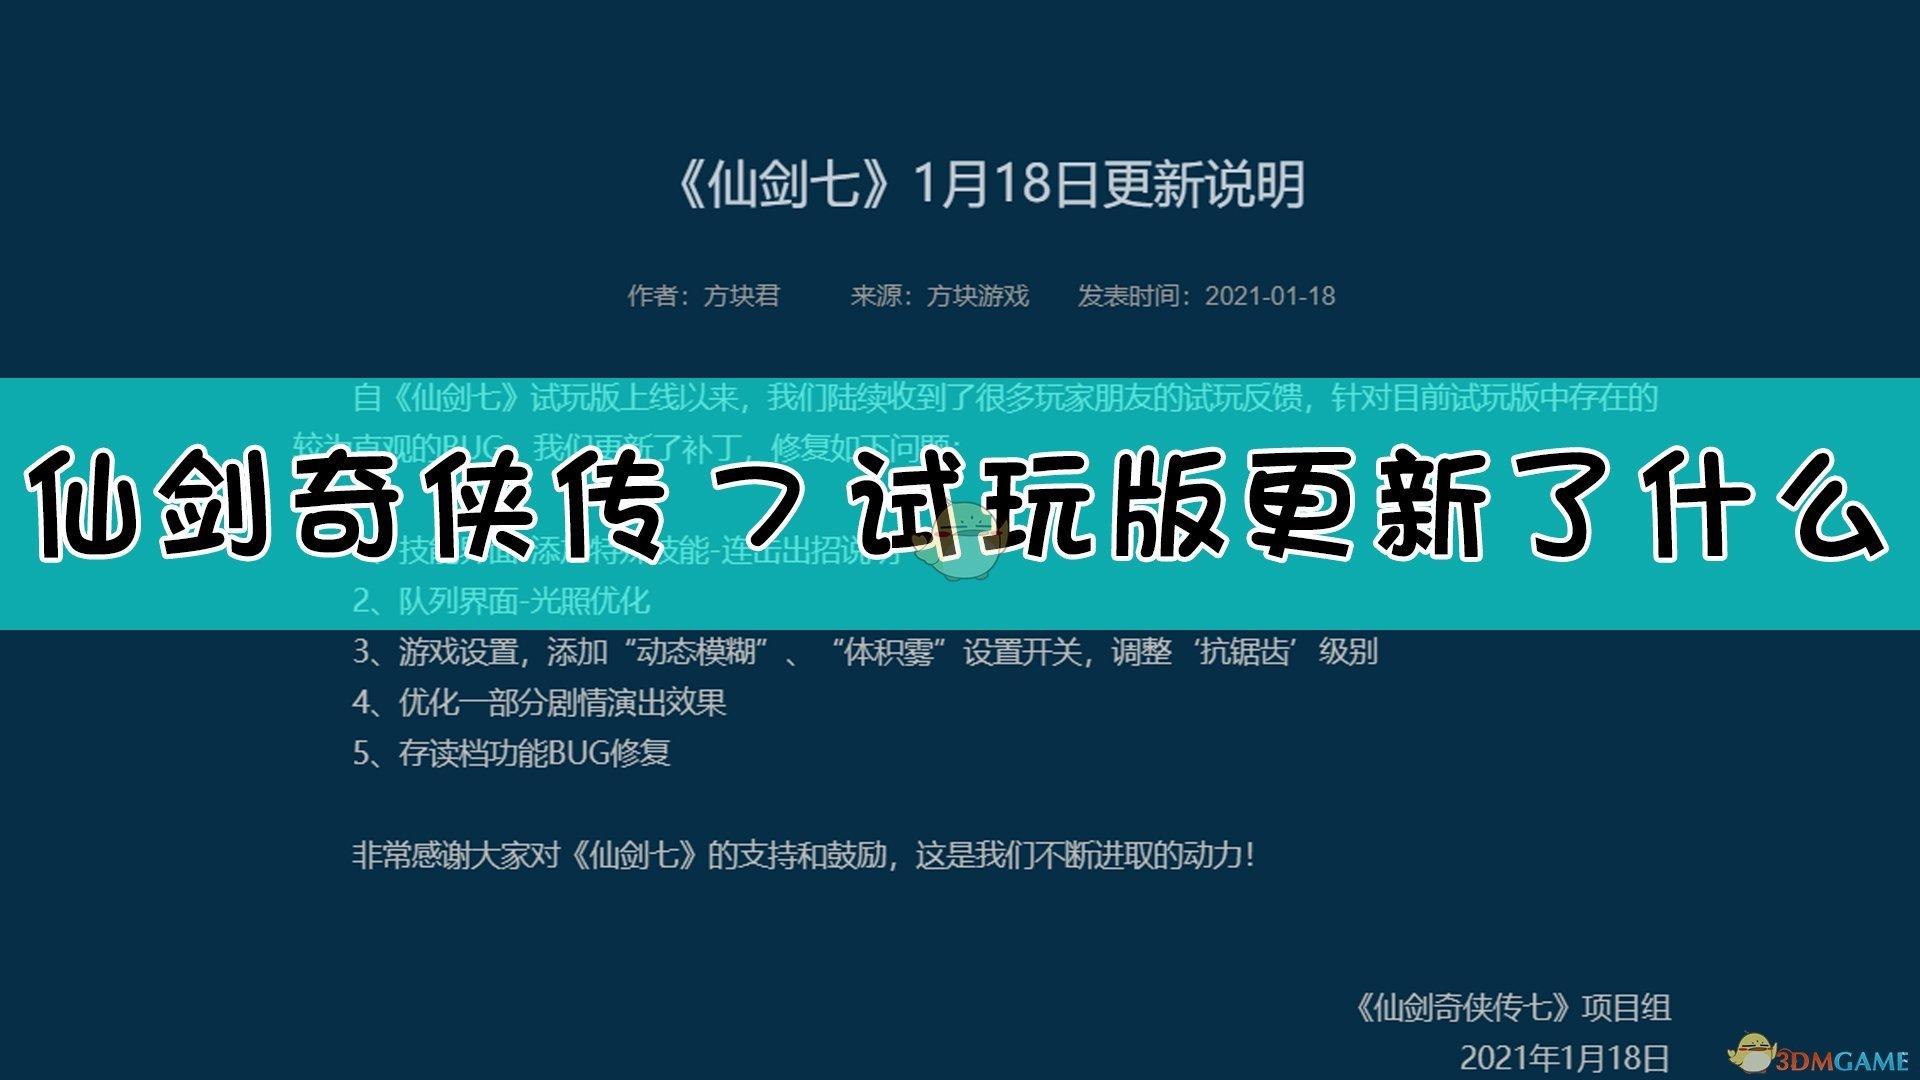 《仙剑奇侠传7》1月18日更新说明